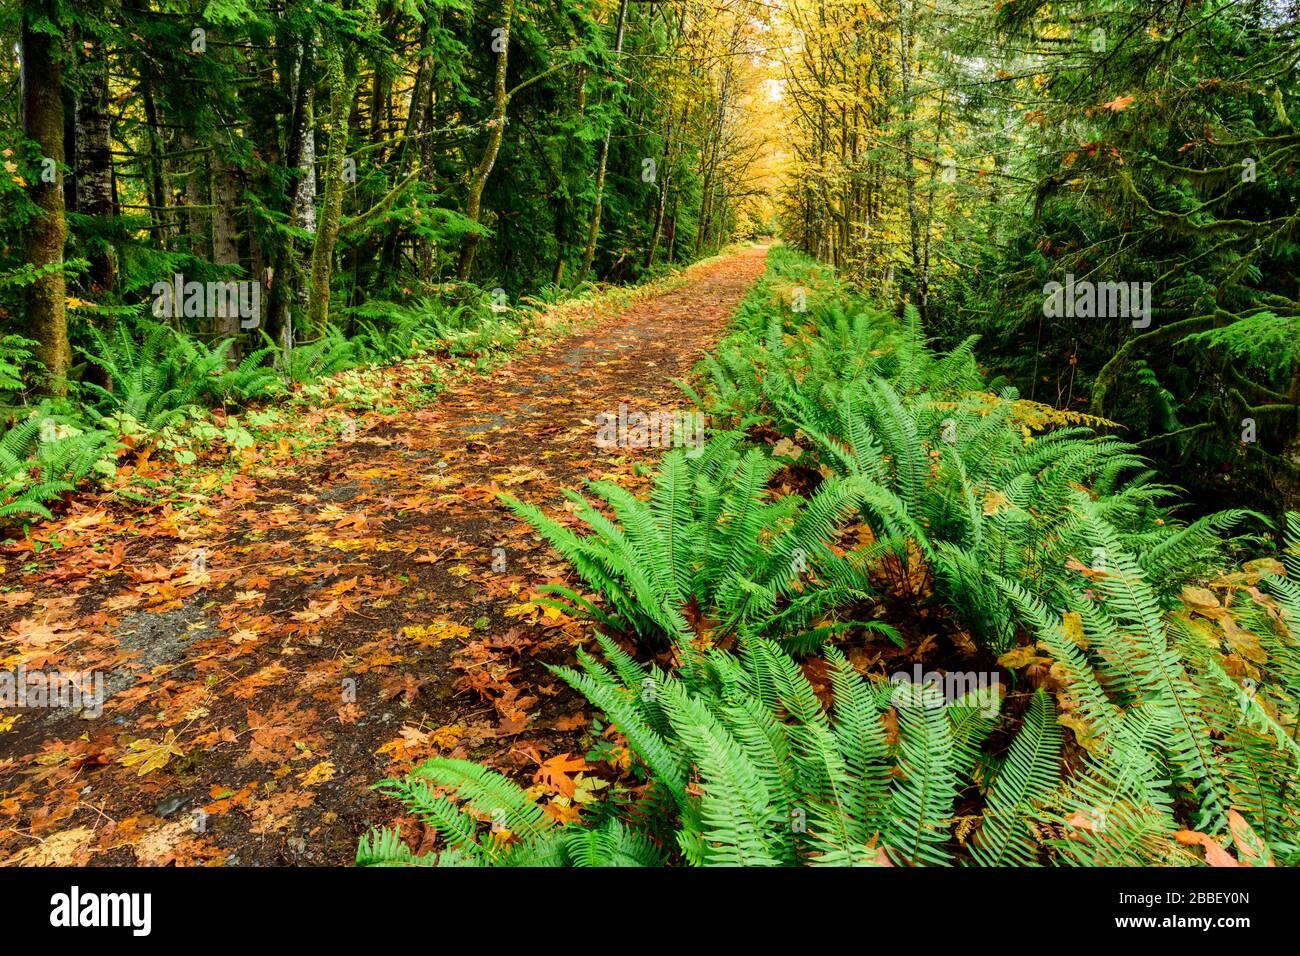 La route de la vallée Cowichan, près du ruisseau Holt Trestle, à Glenora, en Colombie-Britannique. Banque D'Images